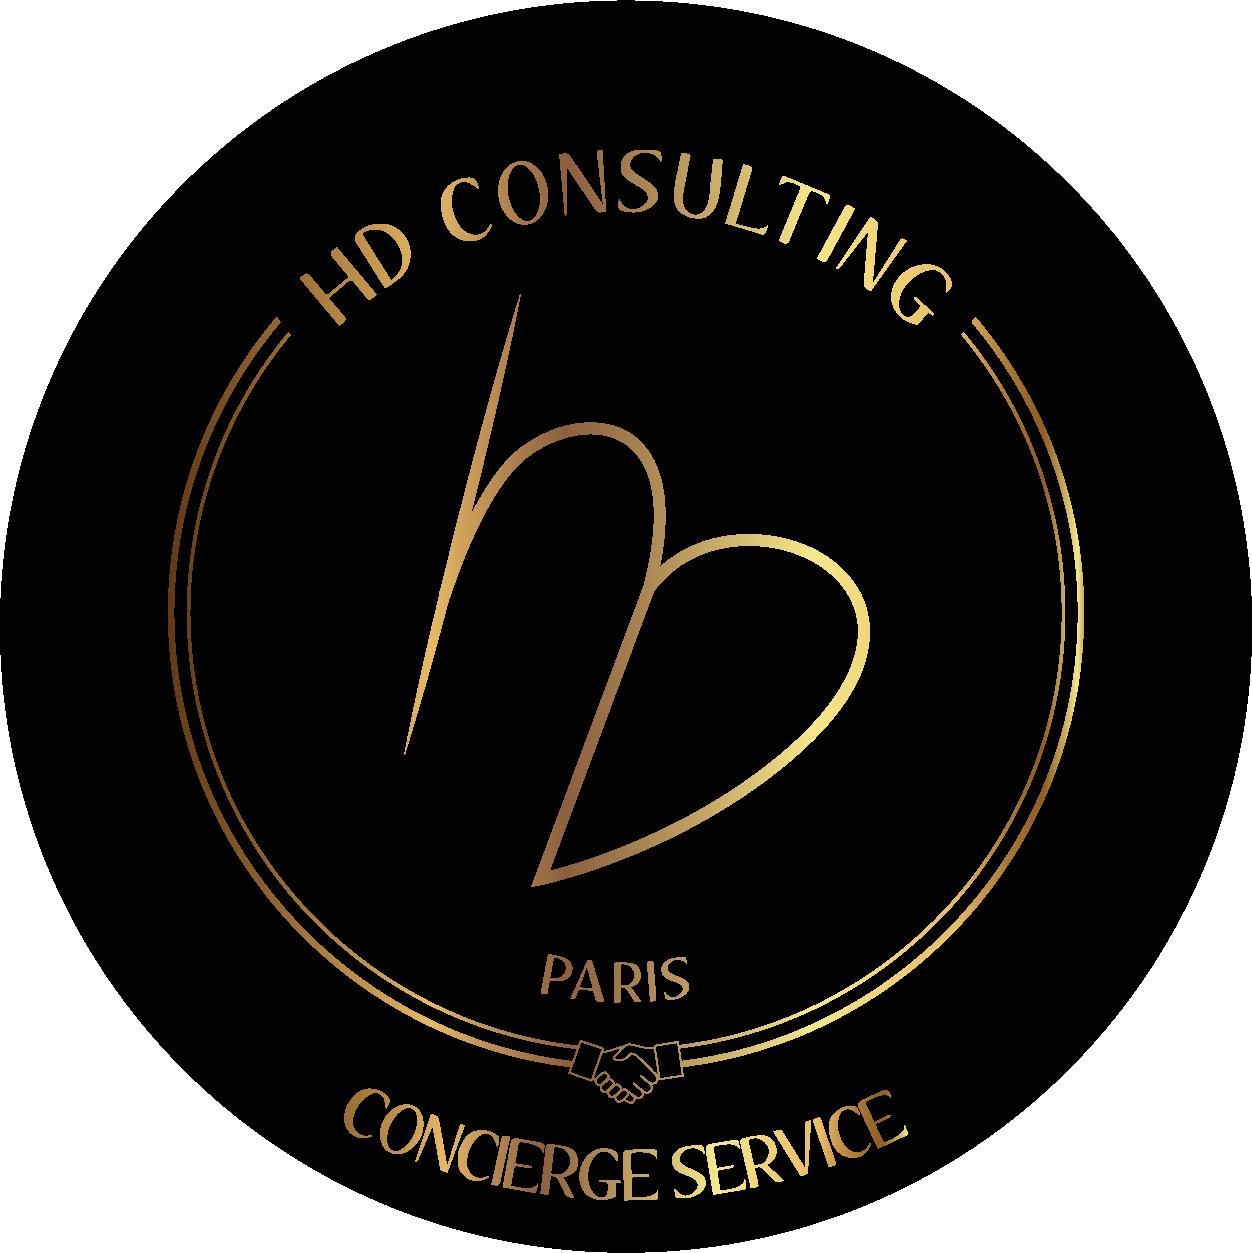 HD CONSULTING PARIS SERVICE DE CONCIERGERIE